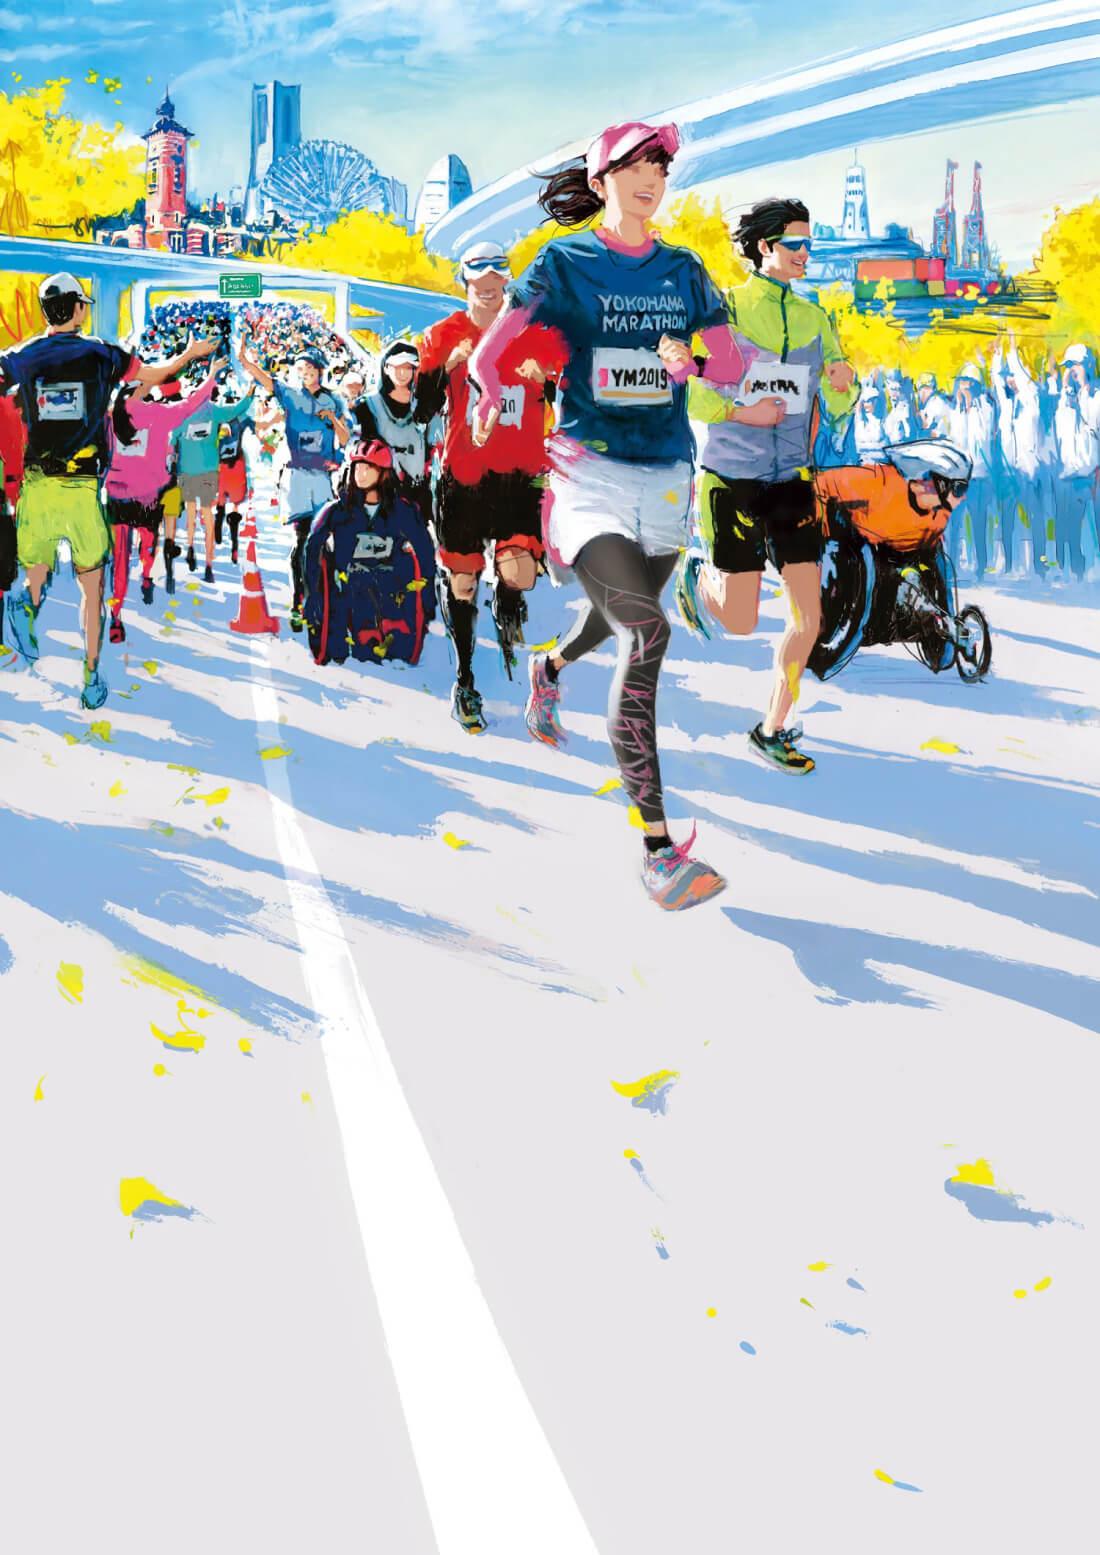 横浜マラソン2019 大会キービジュアル